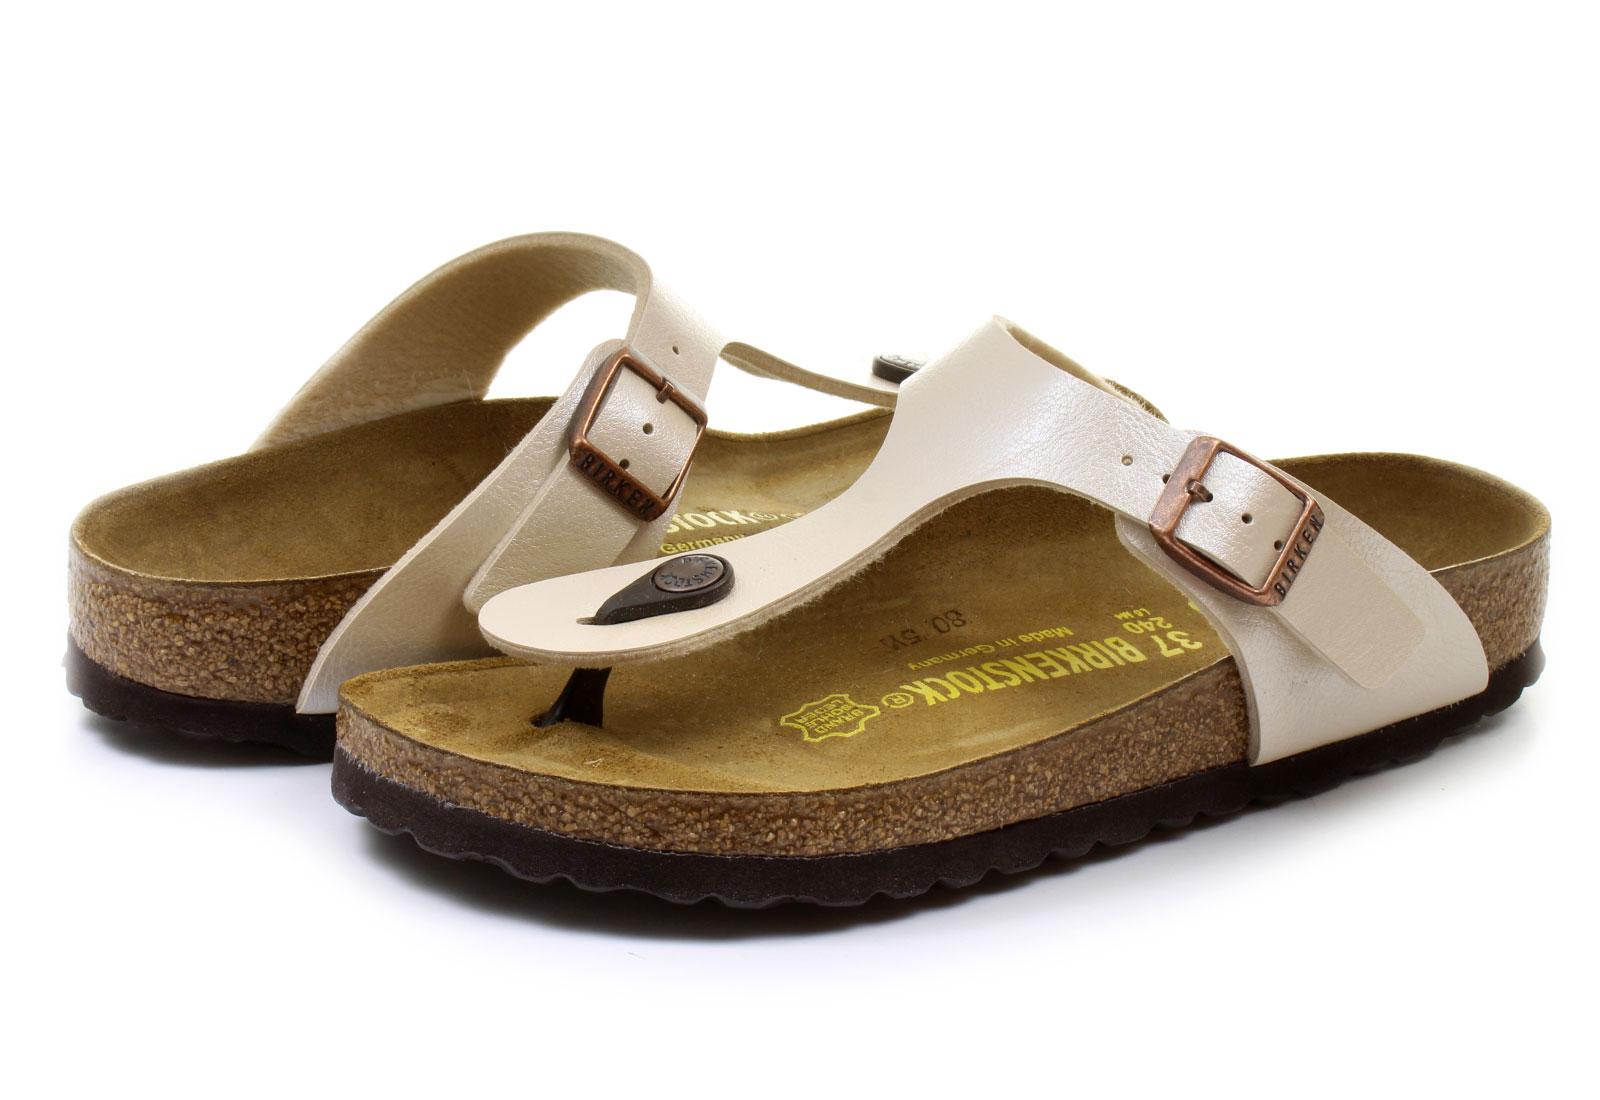 a10d791c5f Birkenstock Papucs - Gizeh - 943873-wht - Office Shoes Magyarország